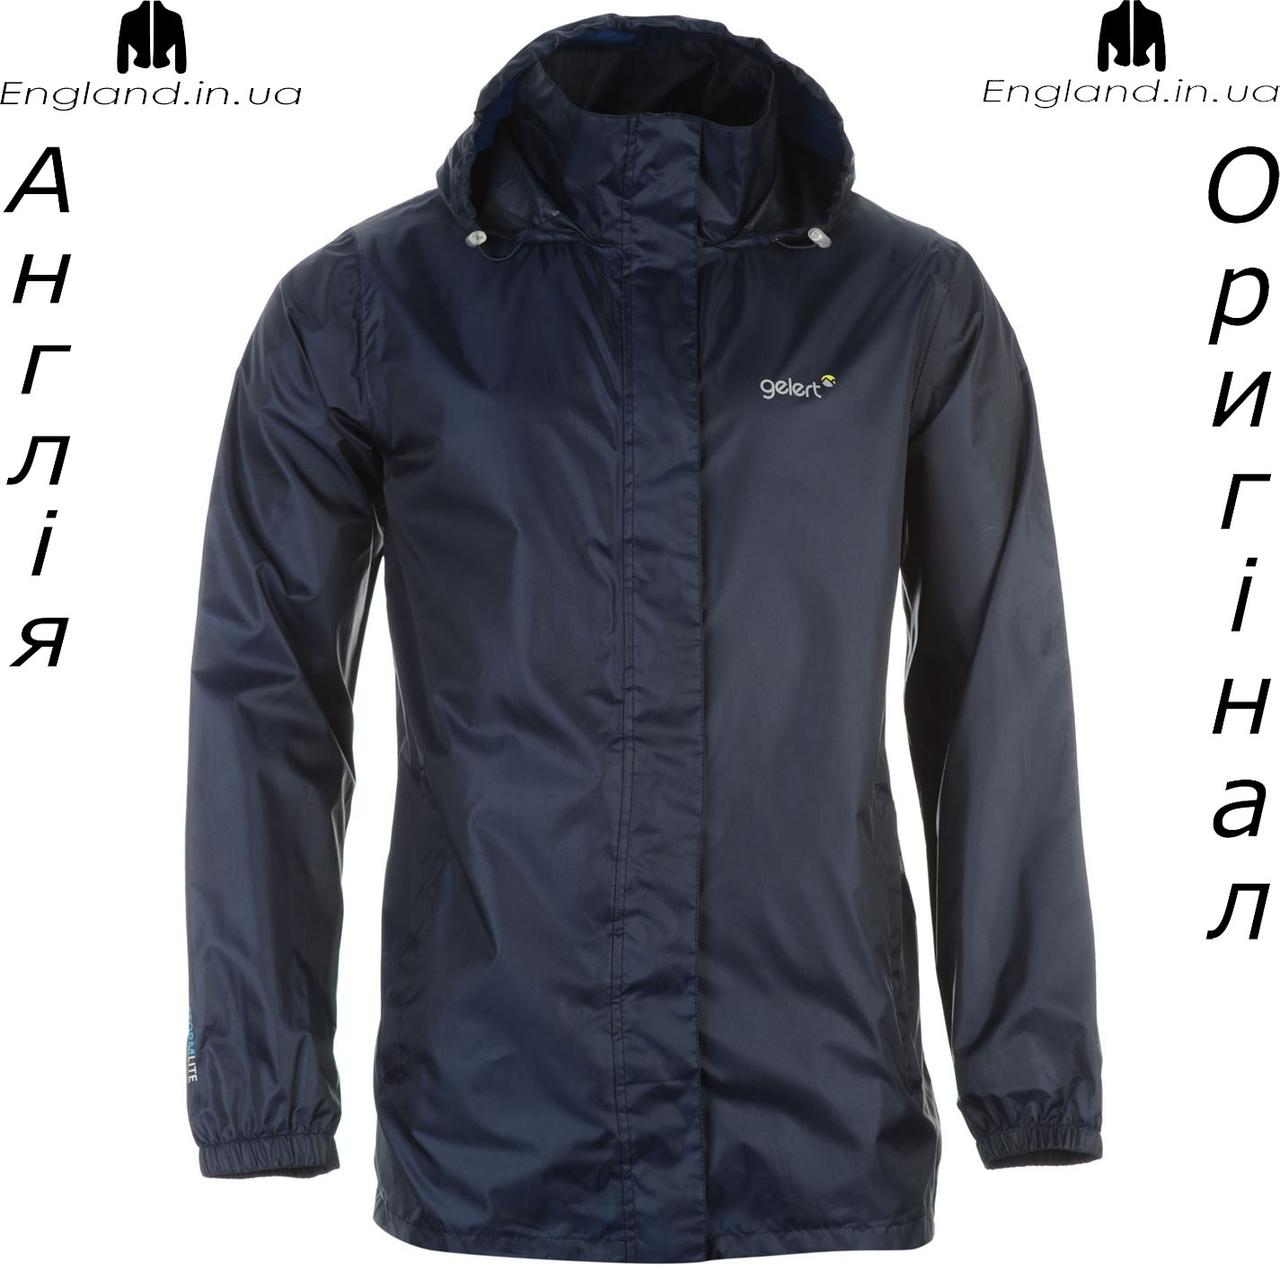 Куртка водонепроницаемая мужская Gelert из Англии - в поход